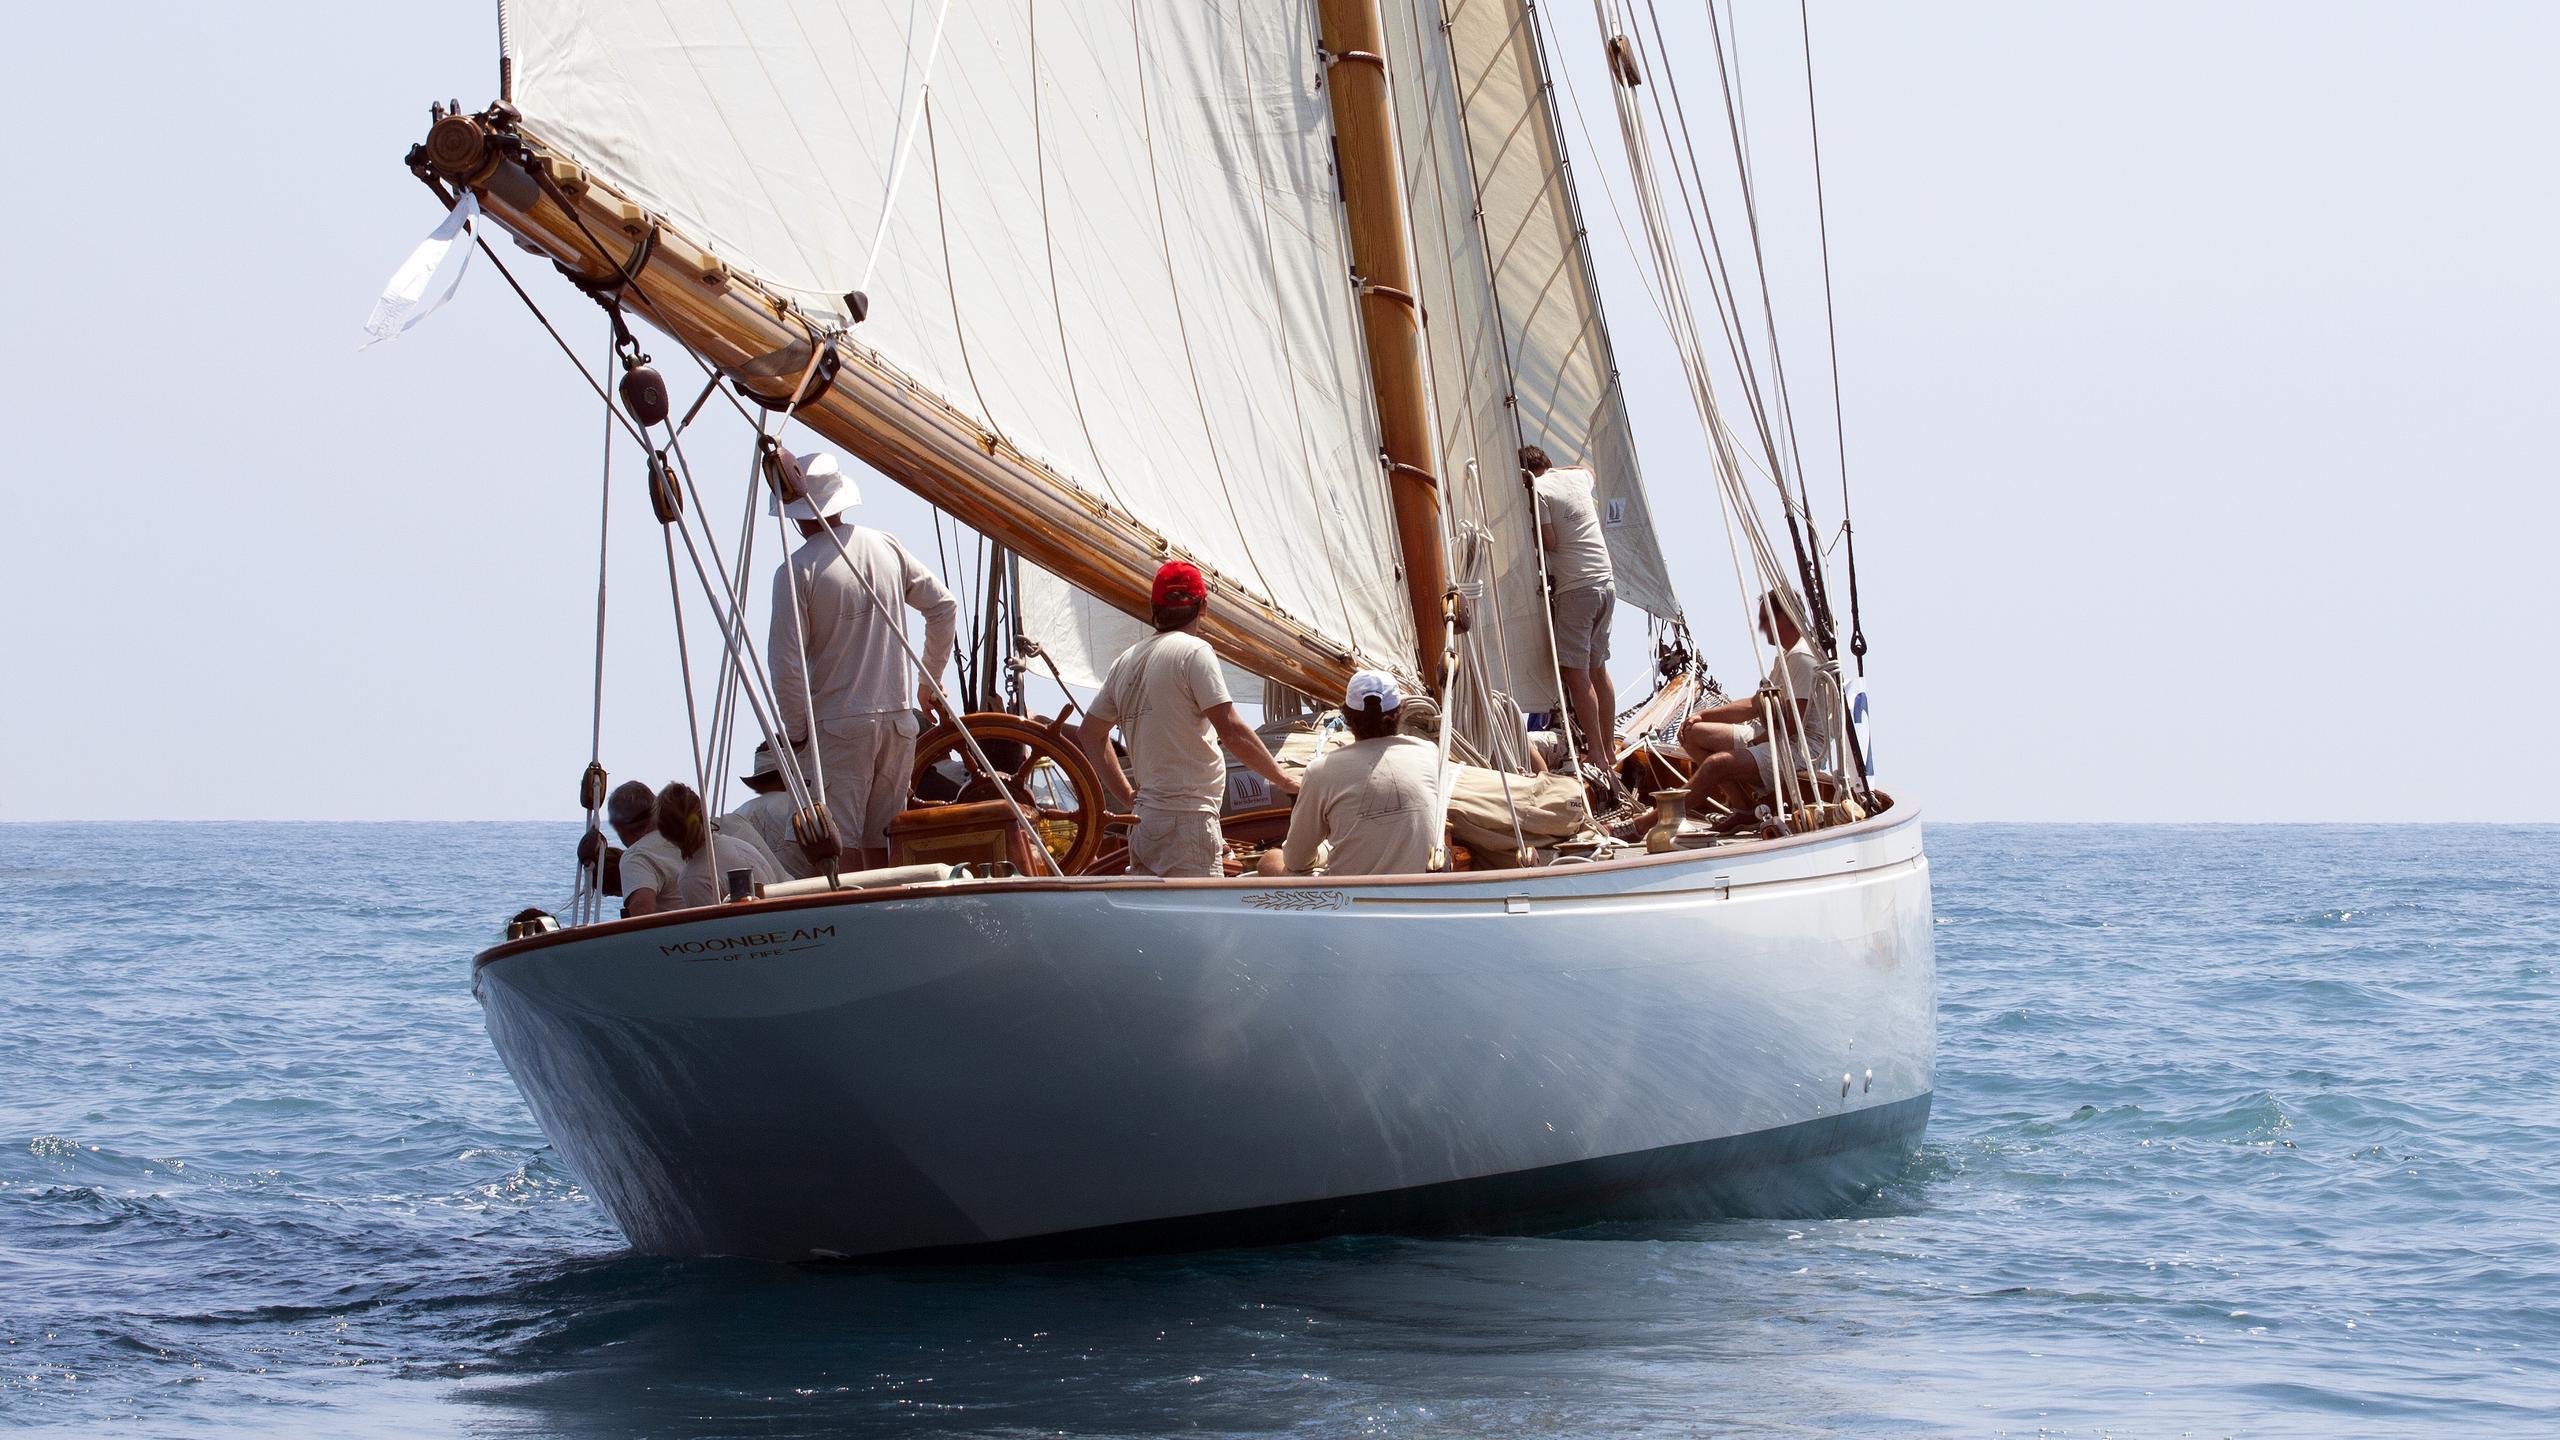 moonbeam-iii-sailing-yacht-fife-1903-32m-running-stern